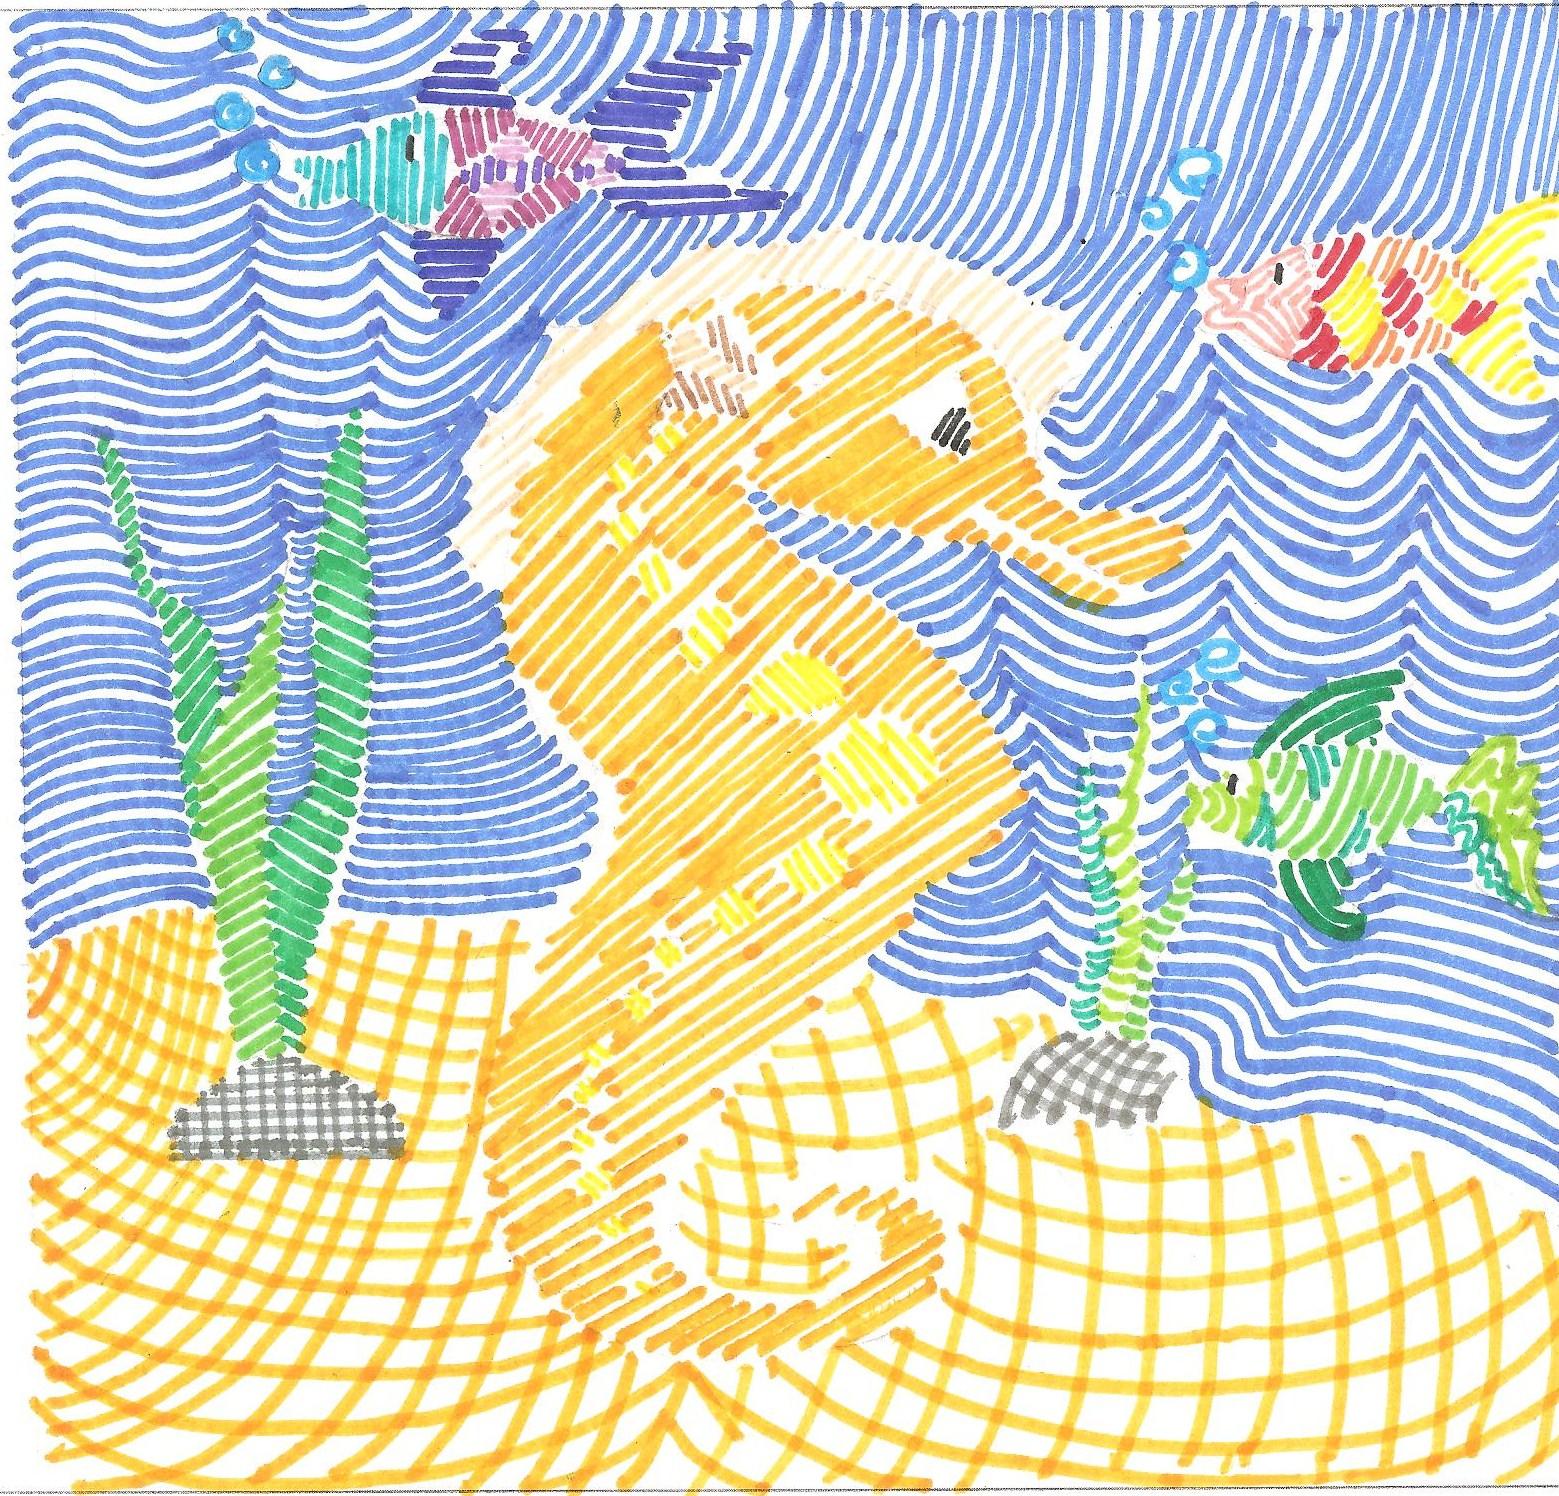 Educación Artística: Dibujos con líneas